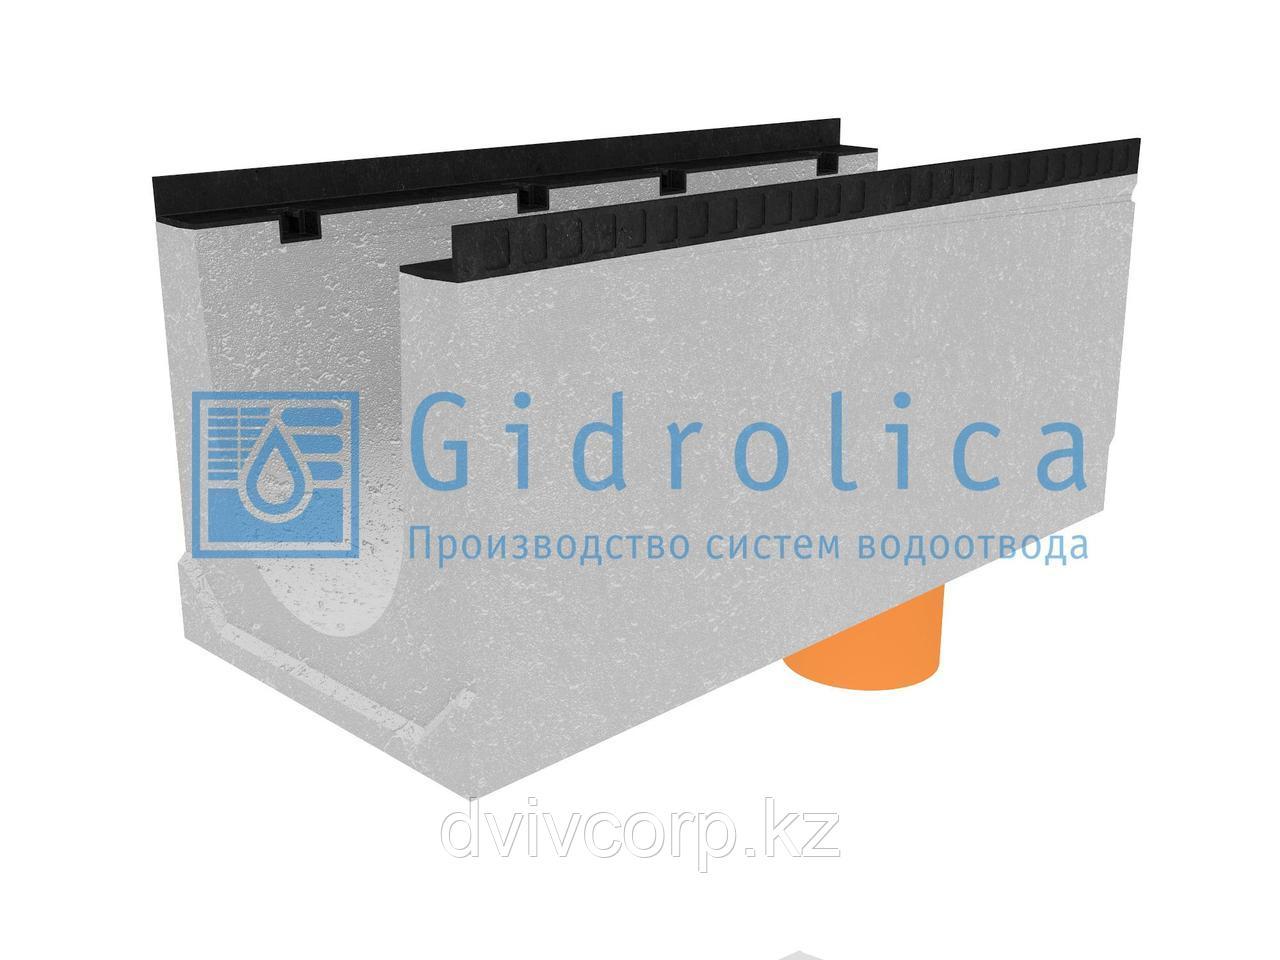 Лоток водоотводный бетонный коробчатый (СО-300мм), с водосливом КUв 100.44(30).45(38) - BGМ, № 0